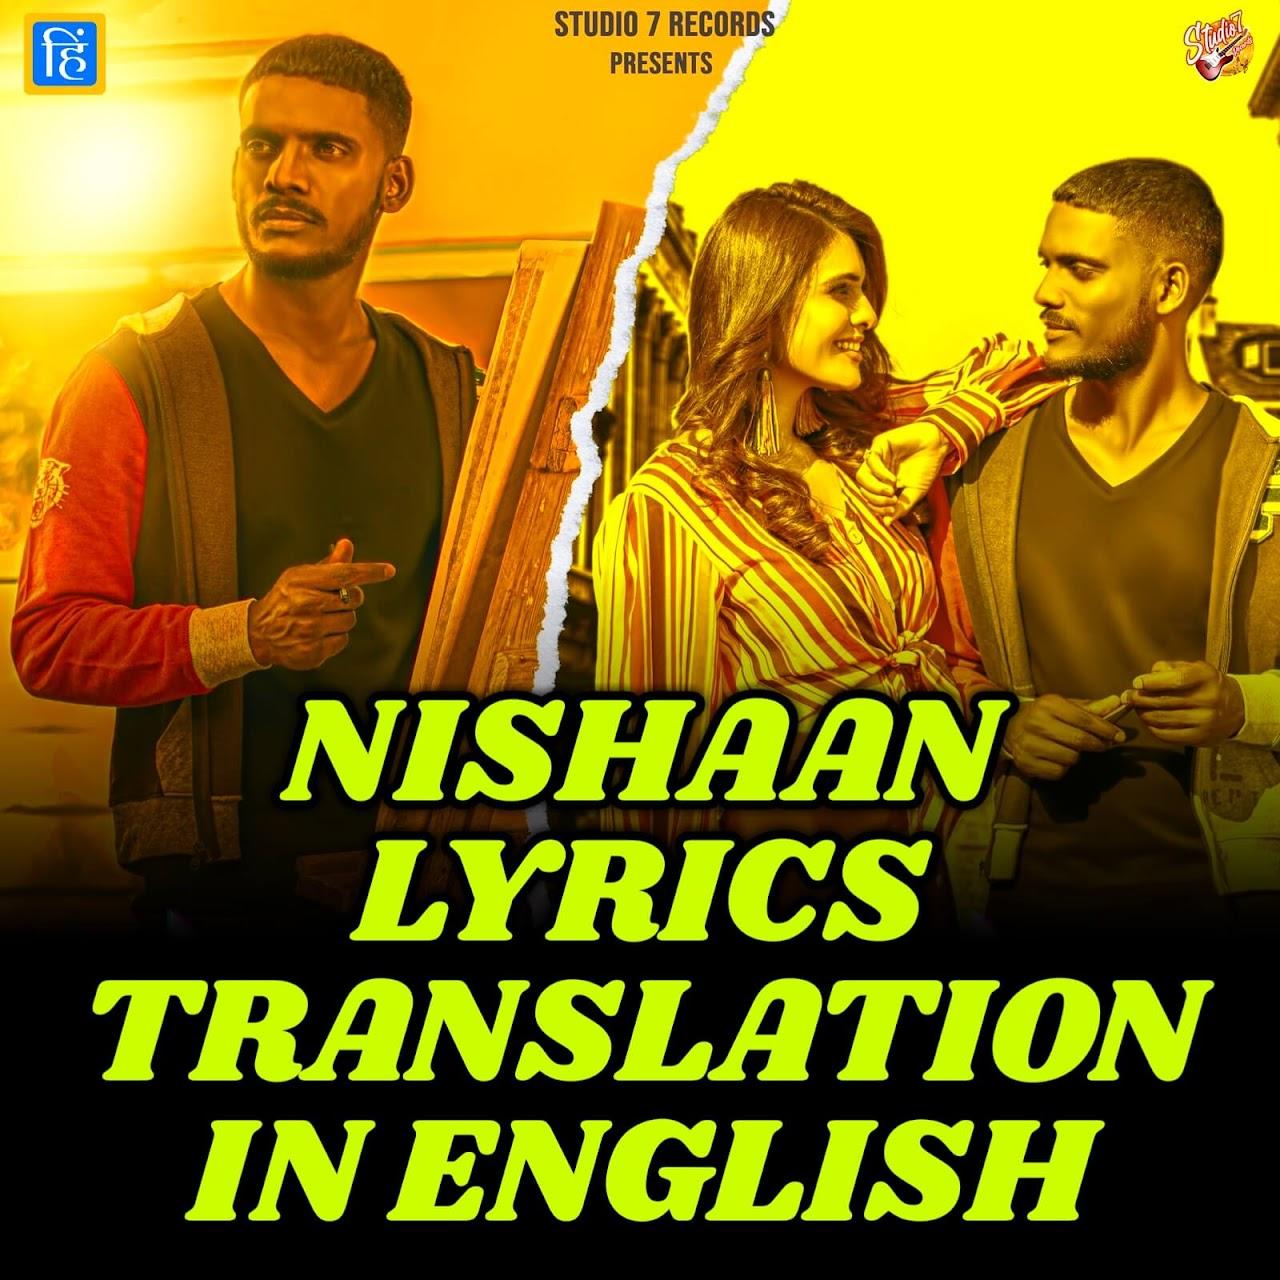 Nishaan Lyrics Translation In English